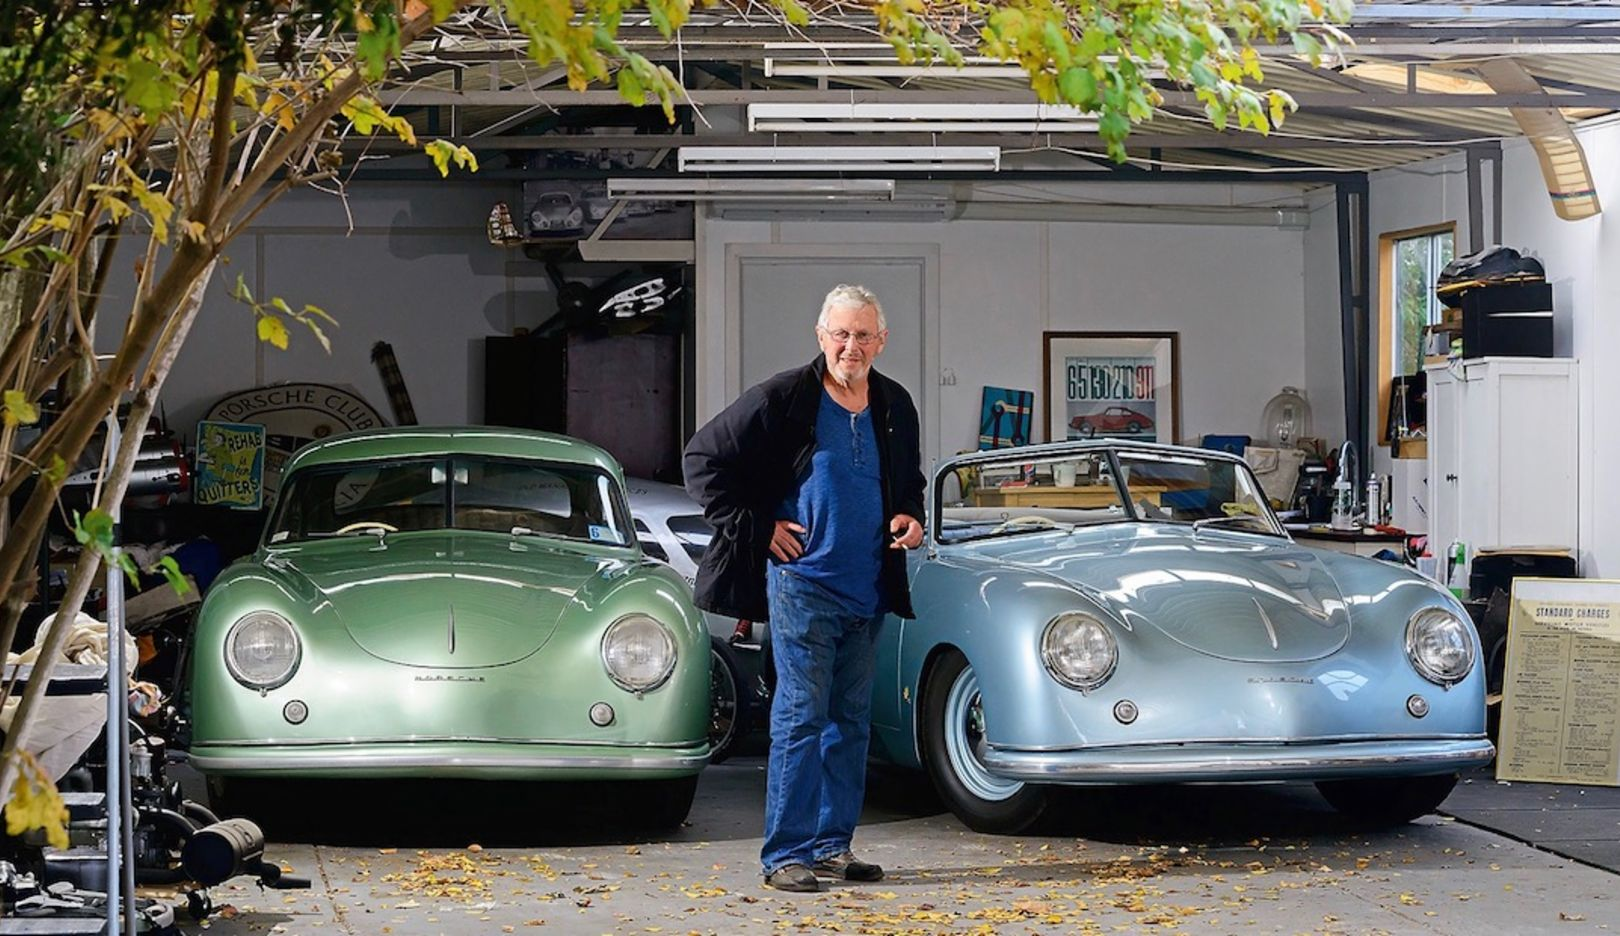 Greg O'Keefe, Porsche 356 Coupé, Porsche 356 convertible, l-r, 2018, Porsche AG